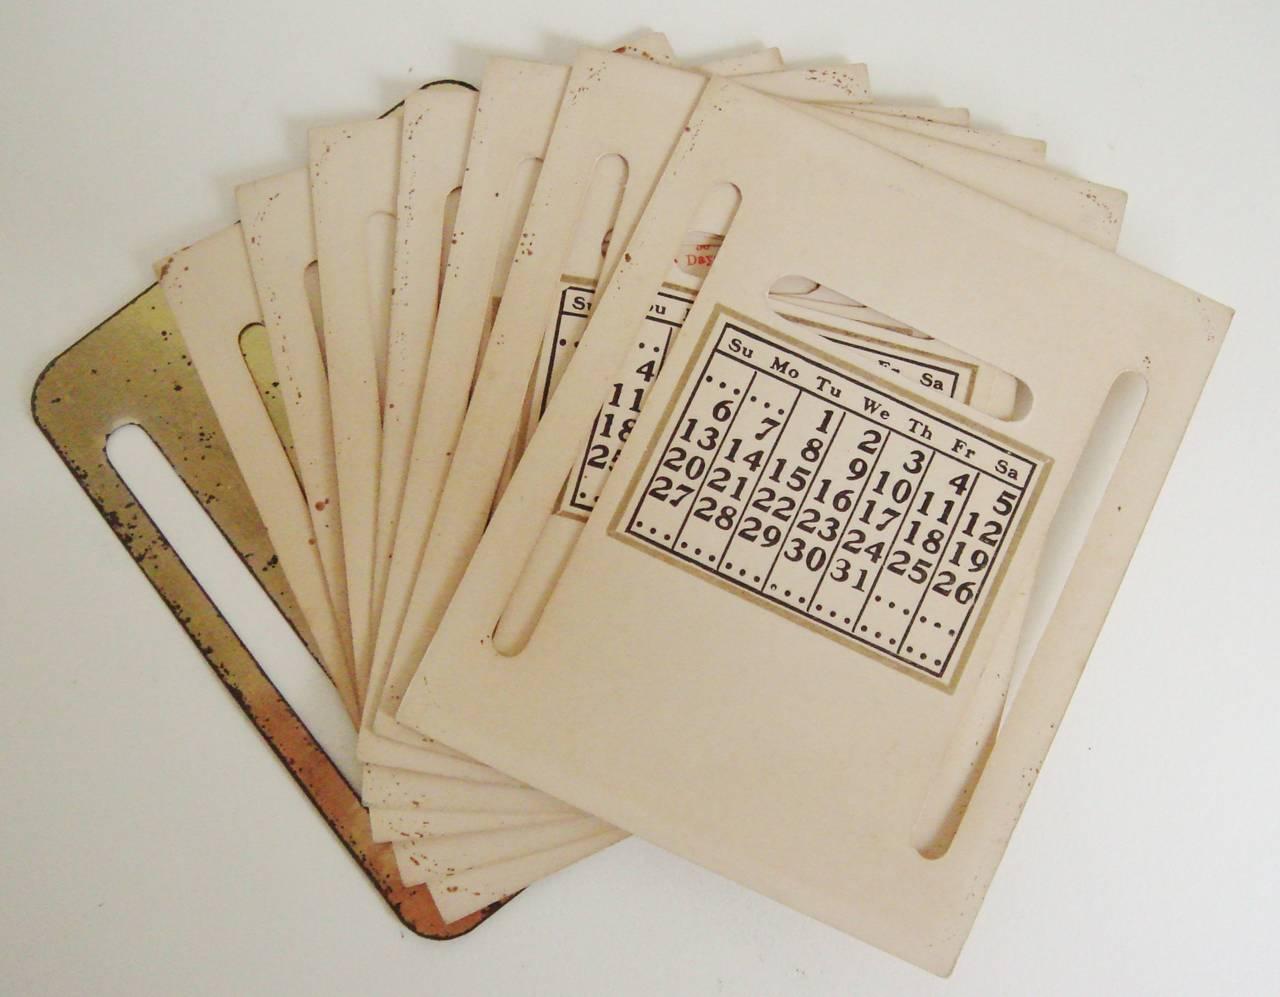 Art Deco Perpetual Calendar, Cigarette Dispenser, Striker Lighter and Ashtray 5